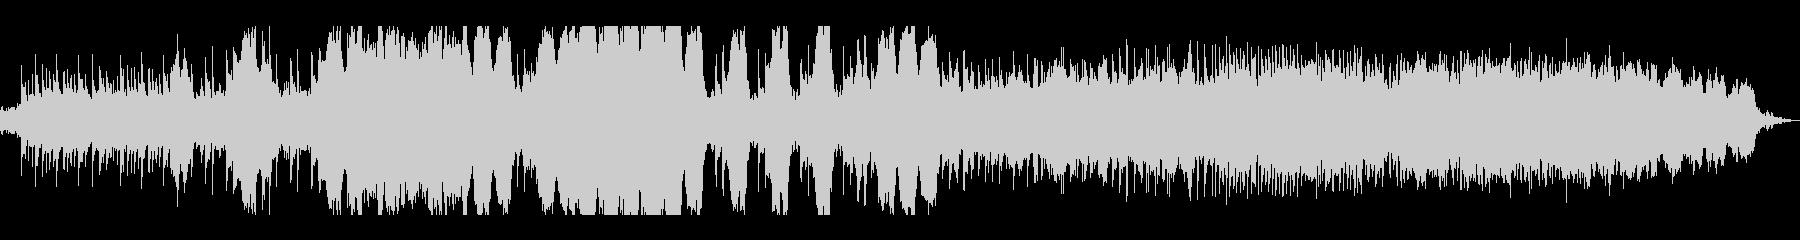 ピアノが印象的な悲しい雰囲気のBGMの未再生の波形